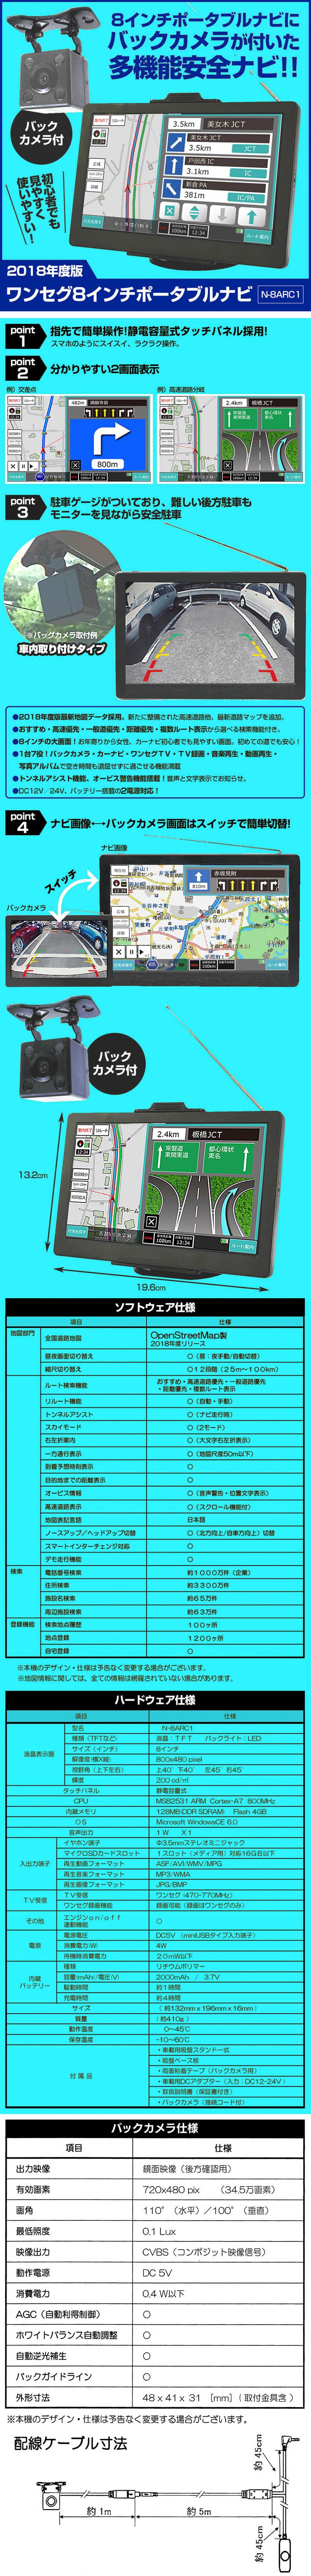 バックカメラ付大画面8型カーナビ/1年保証《全国詳細地図8インチ4GB/ワンセグTV/オービス情報搭載》d-eightポータブルナビN-8ARC1/DC12V.24V共用